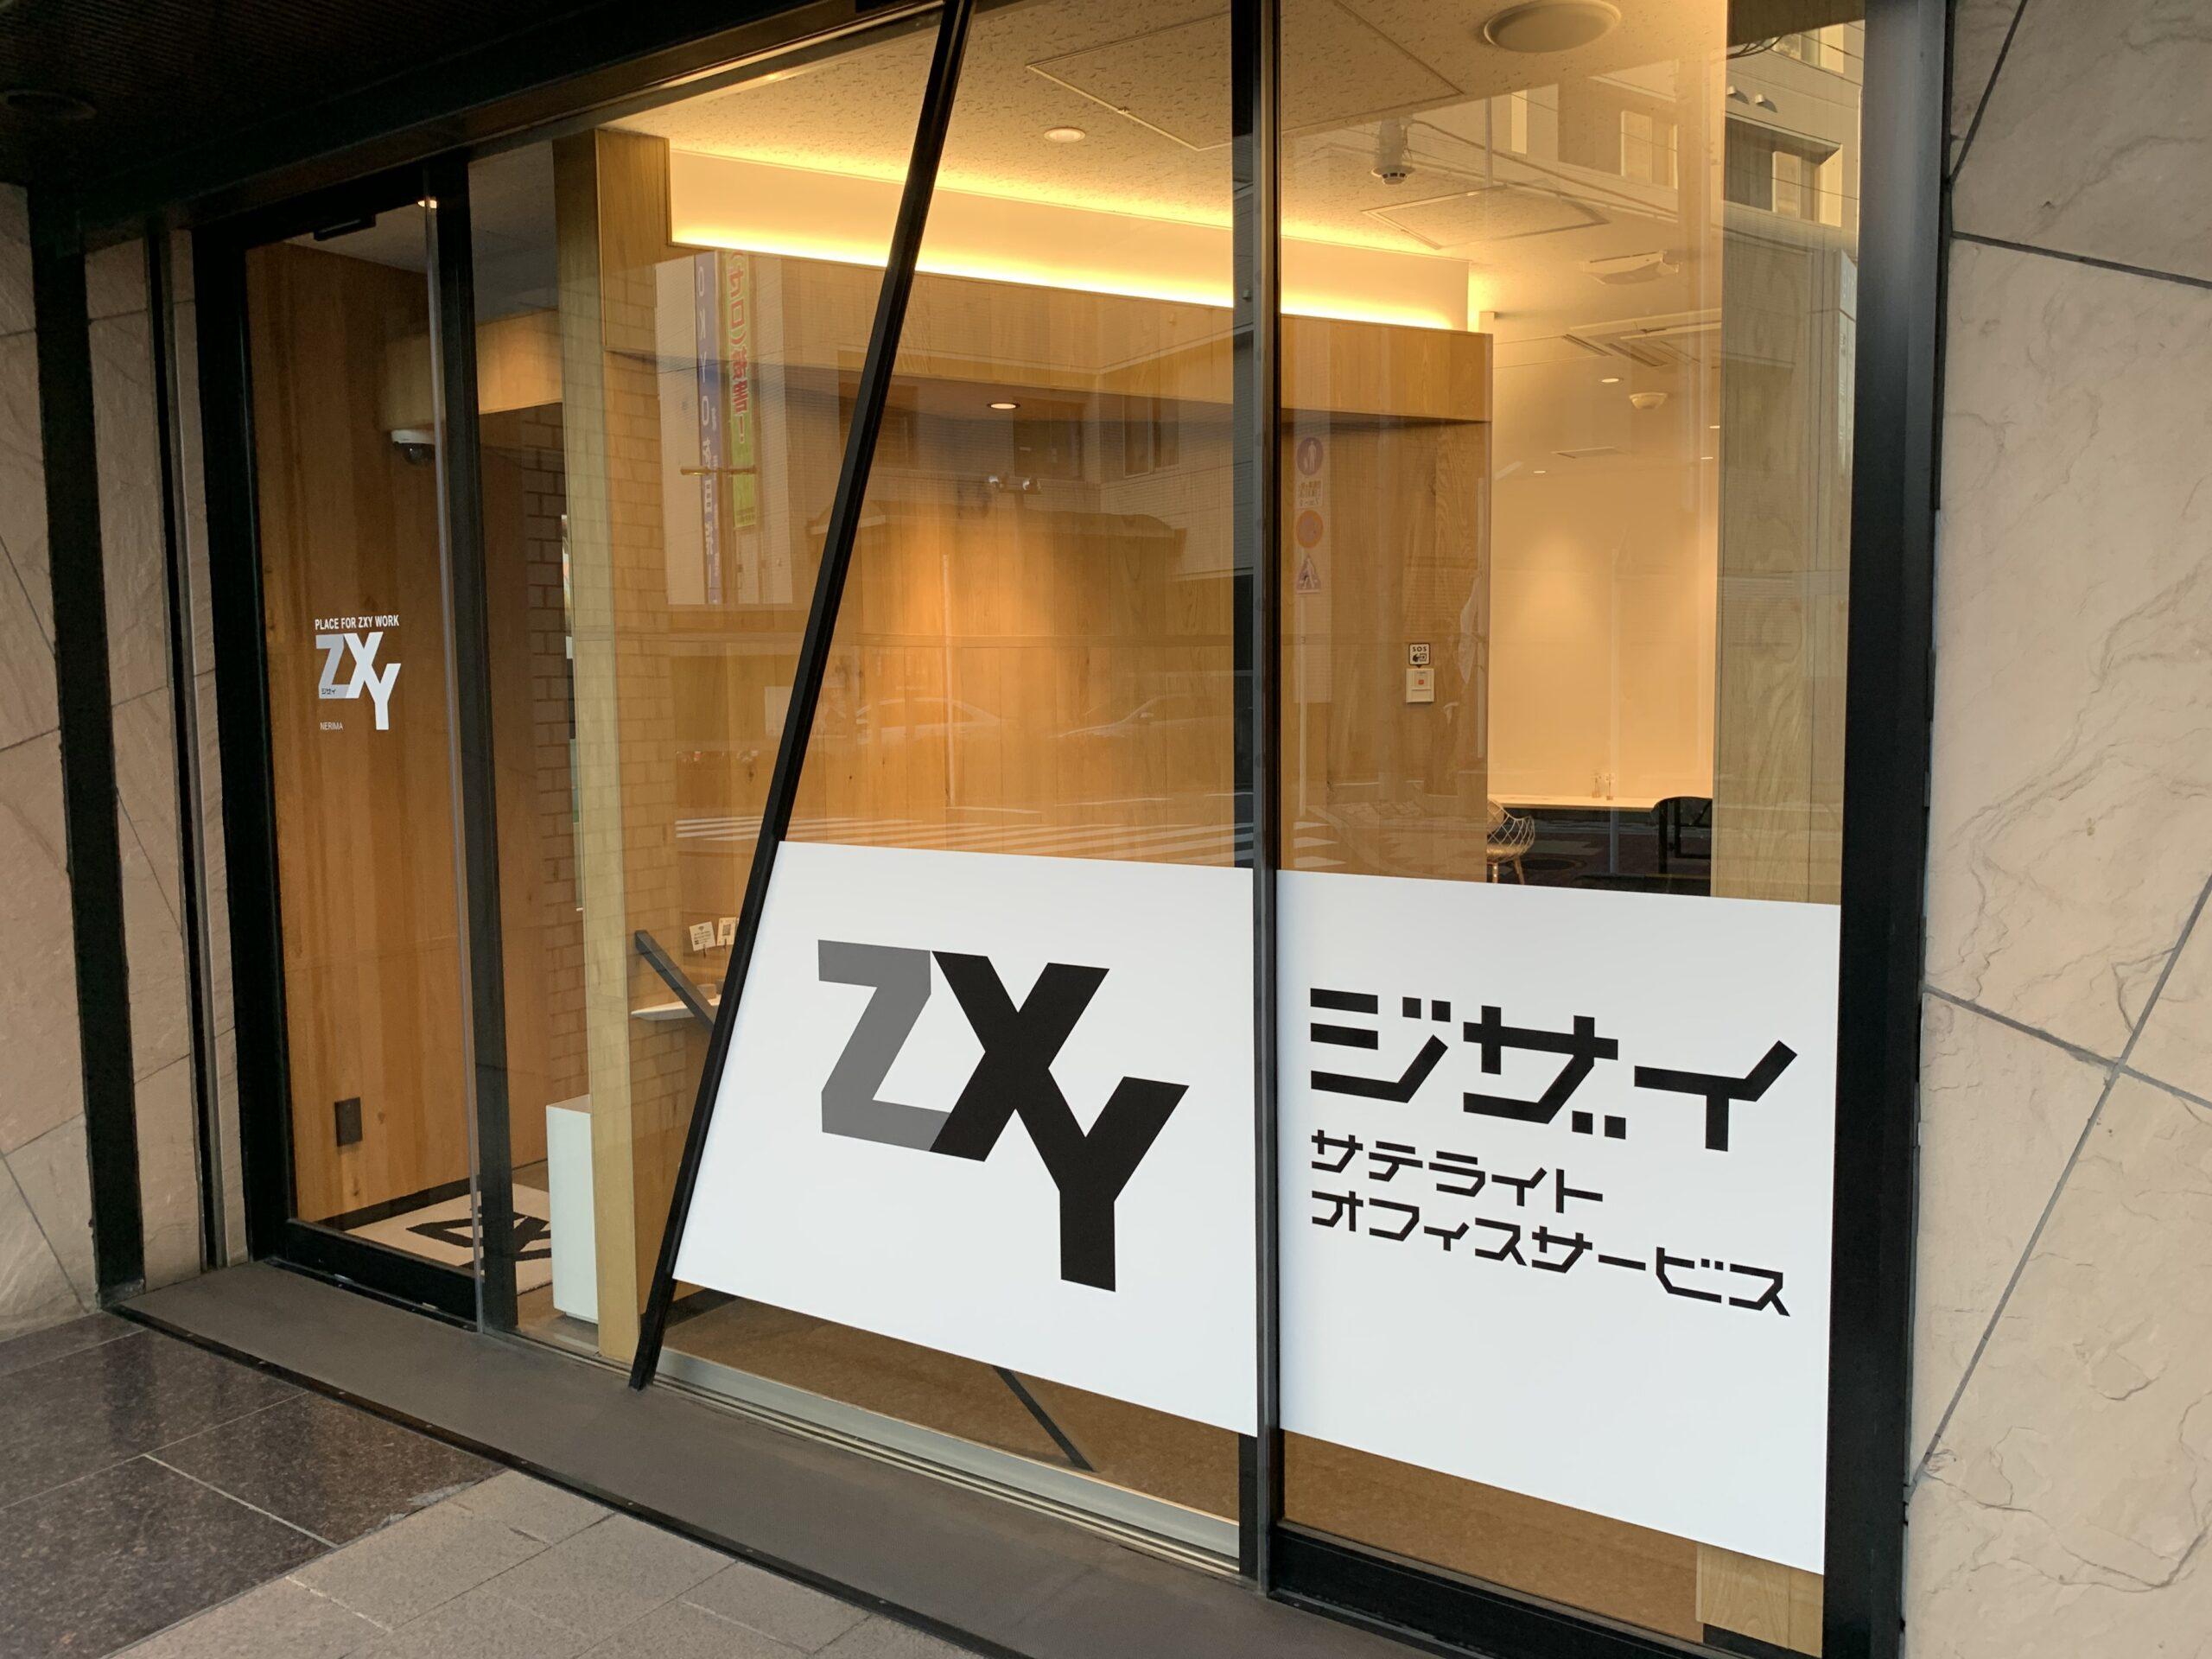 日本橋駅B9b ZXY[ジザイ]日本橋 Wi-Fi